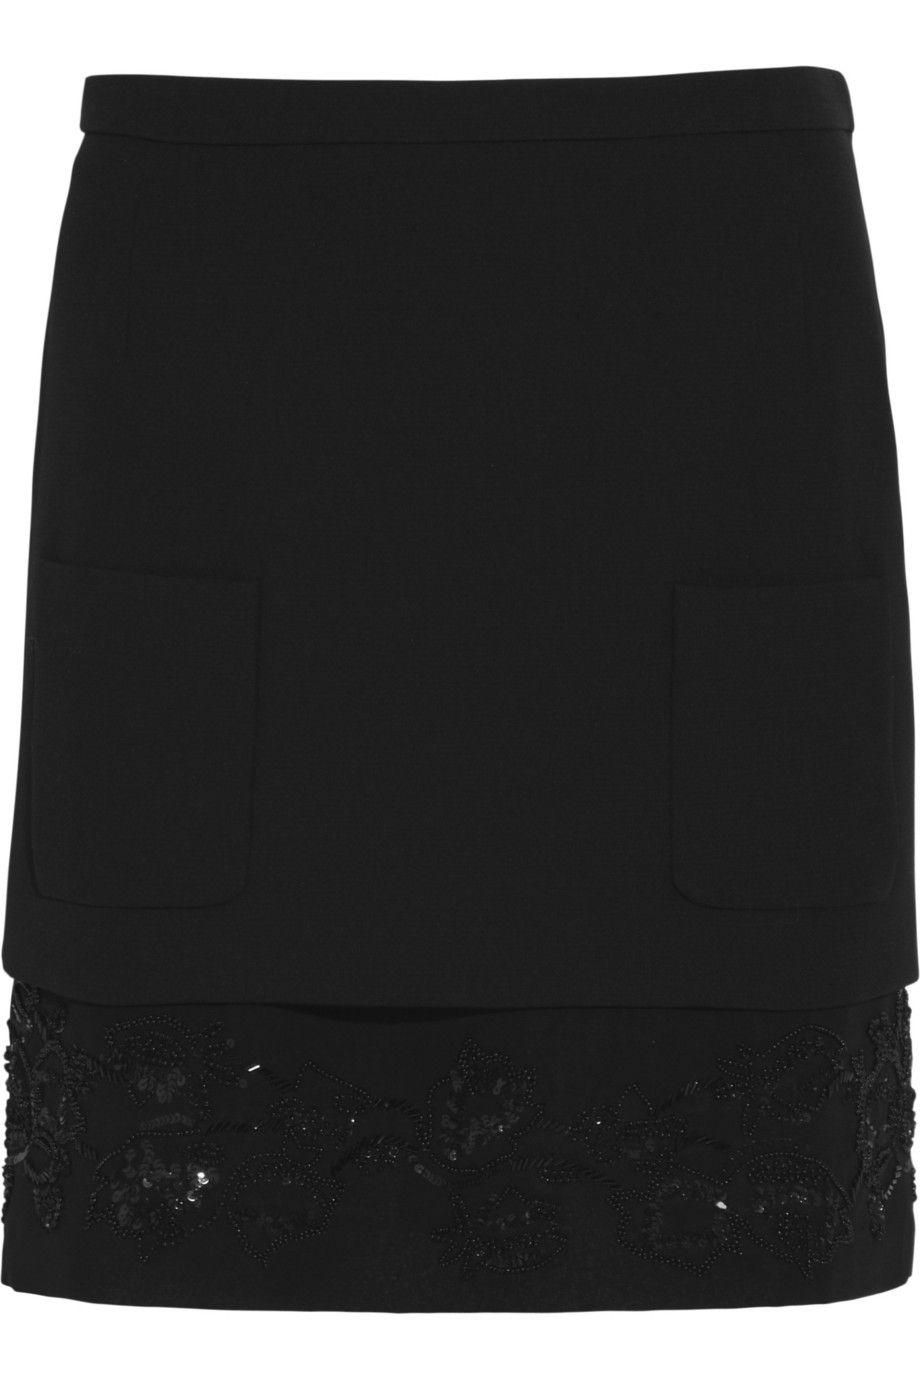 No. 21|Grazia embellished stretch-crepe mini skirt|NET-A-PORTER.COM